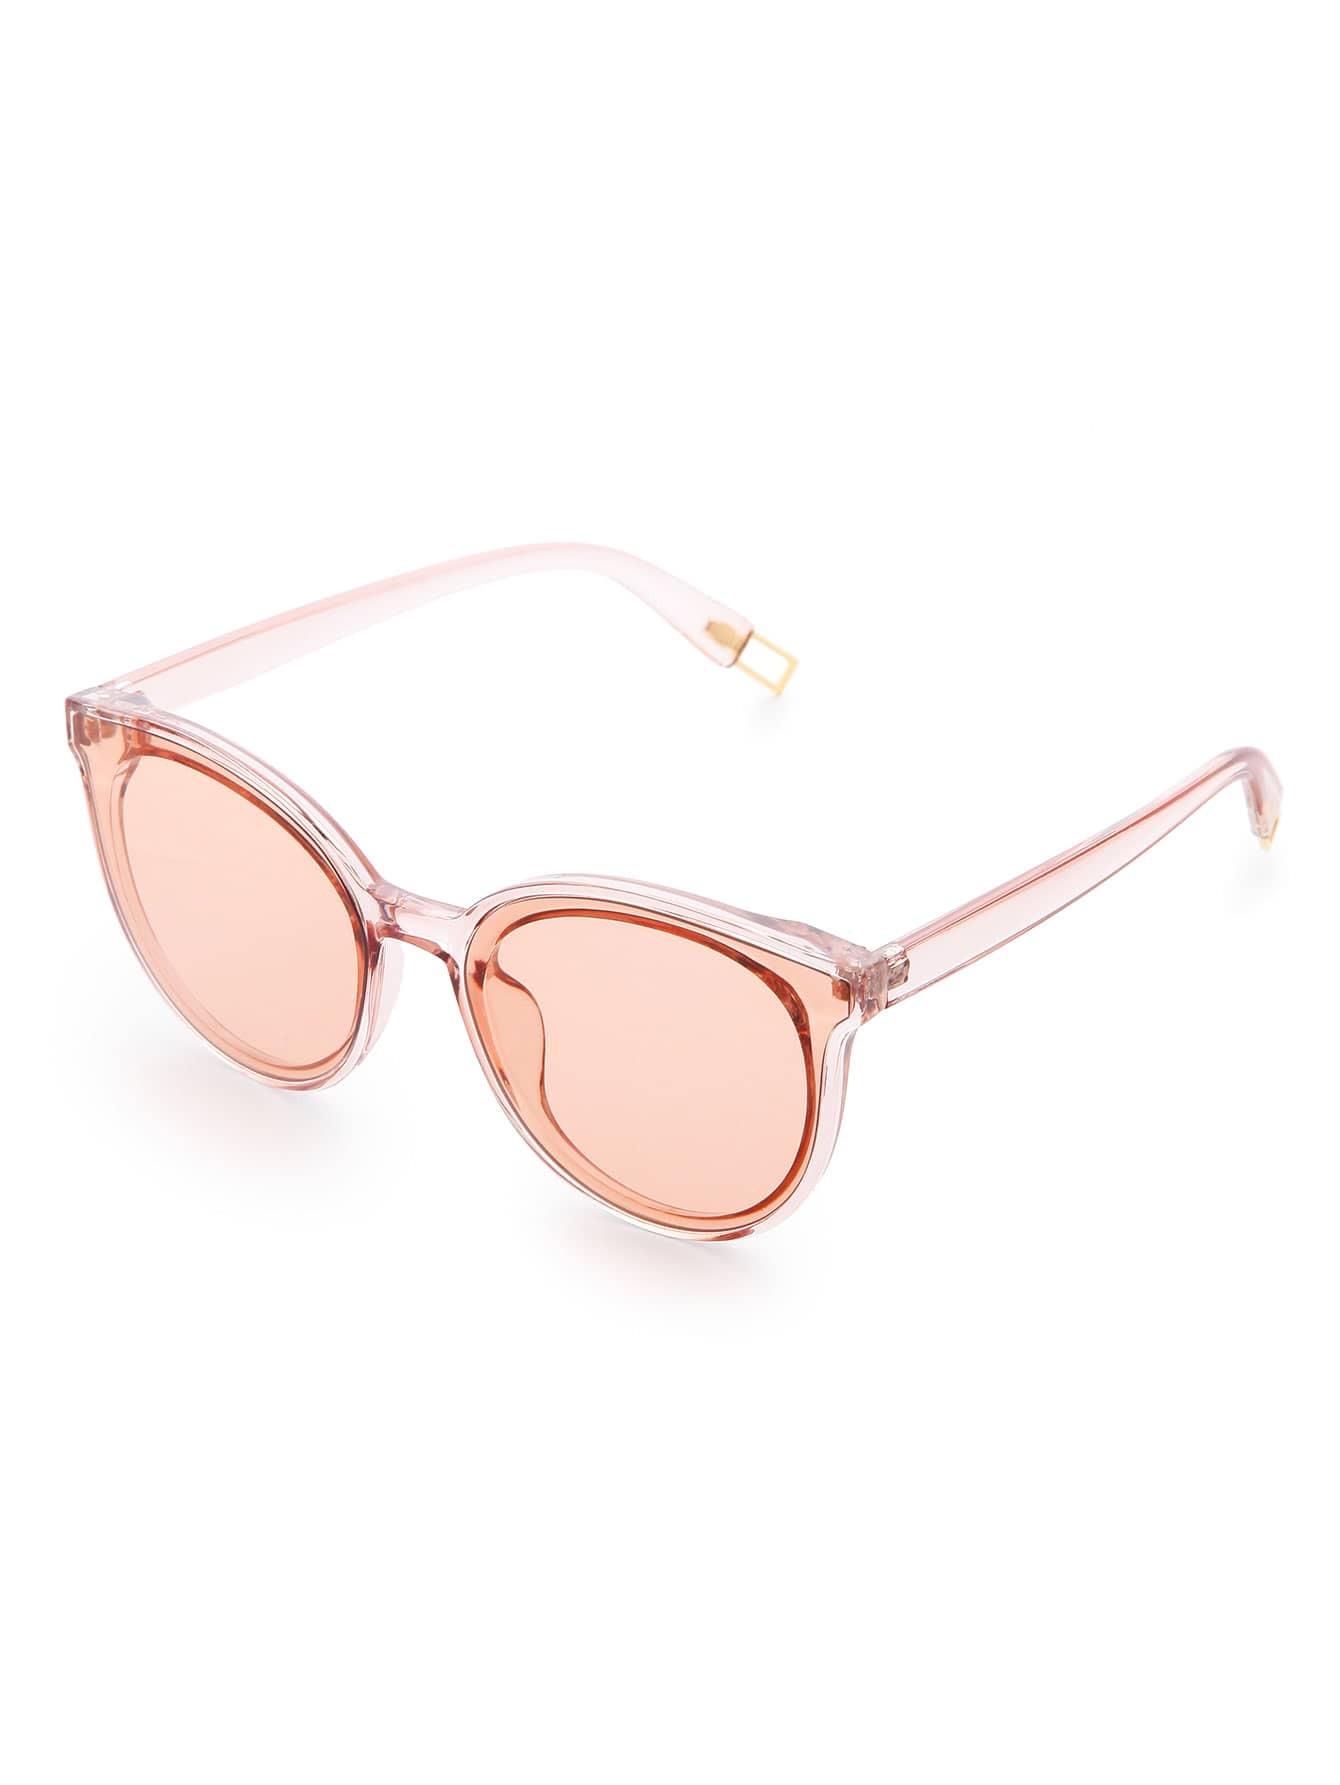 Light Brown Lens Cat Eye Sunglasses sunglass170317303